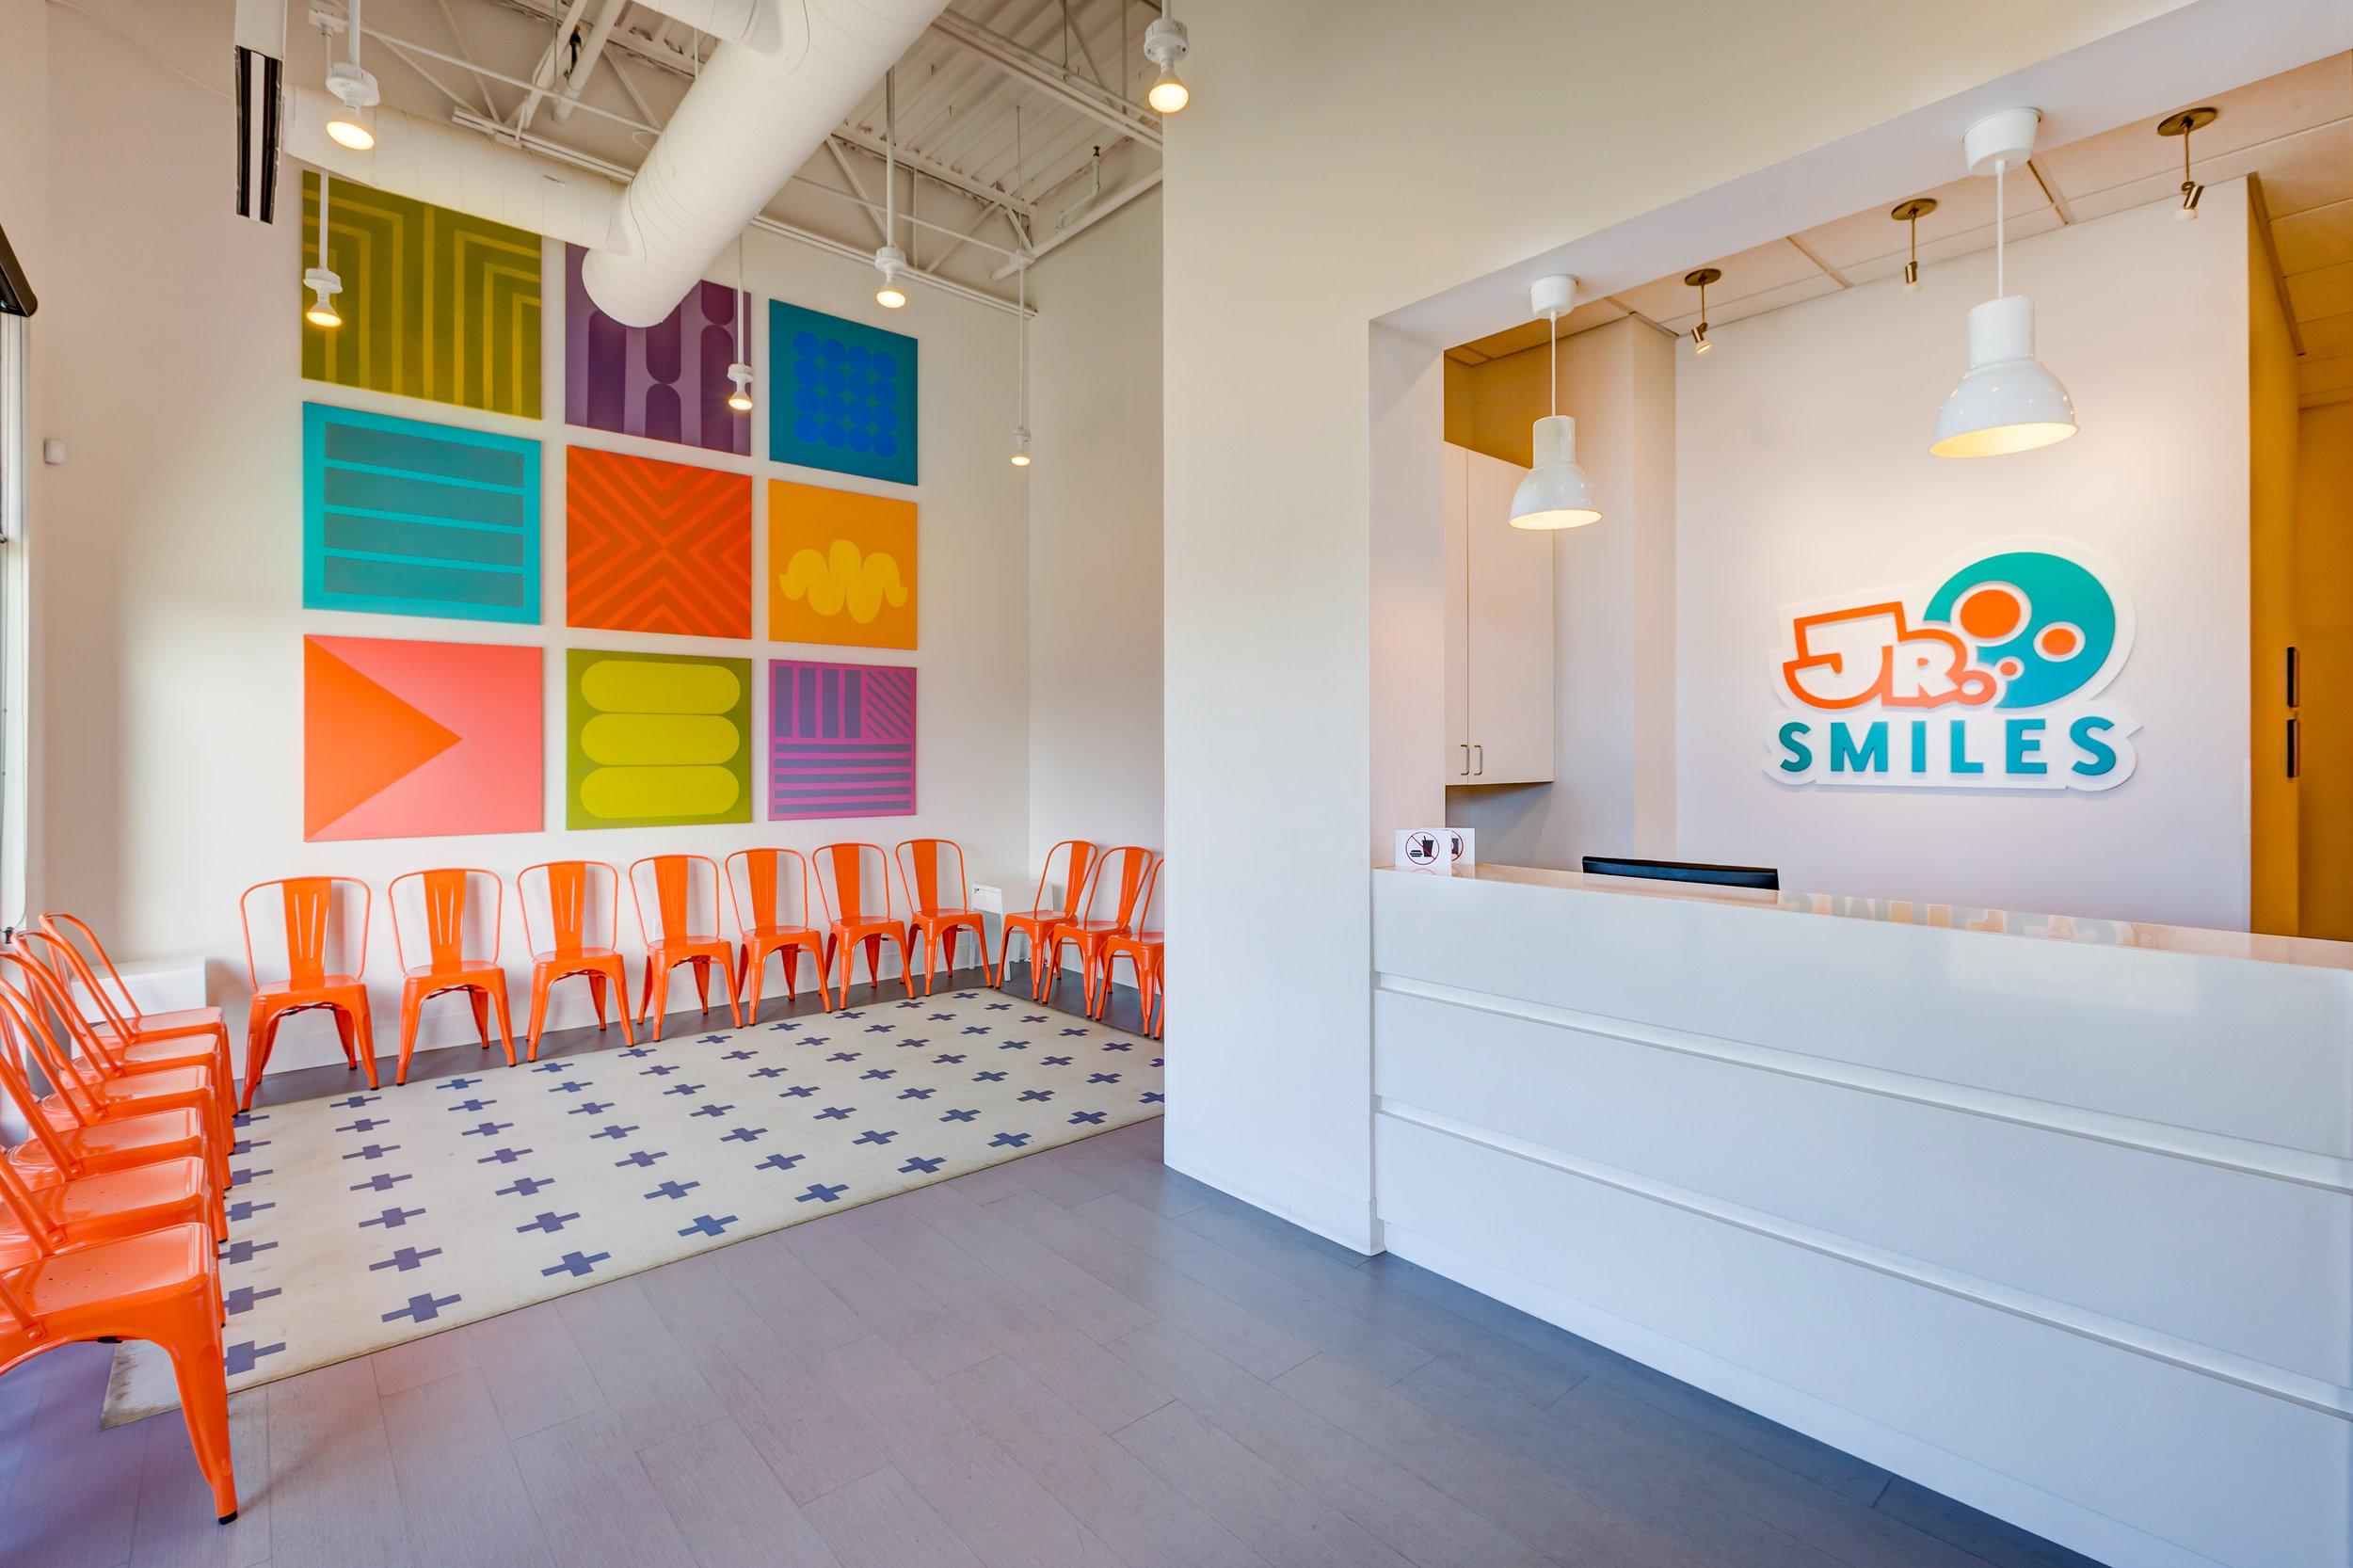 Jr-Smiles-Kids-Dentistry-Thornton-10005.jpg